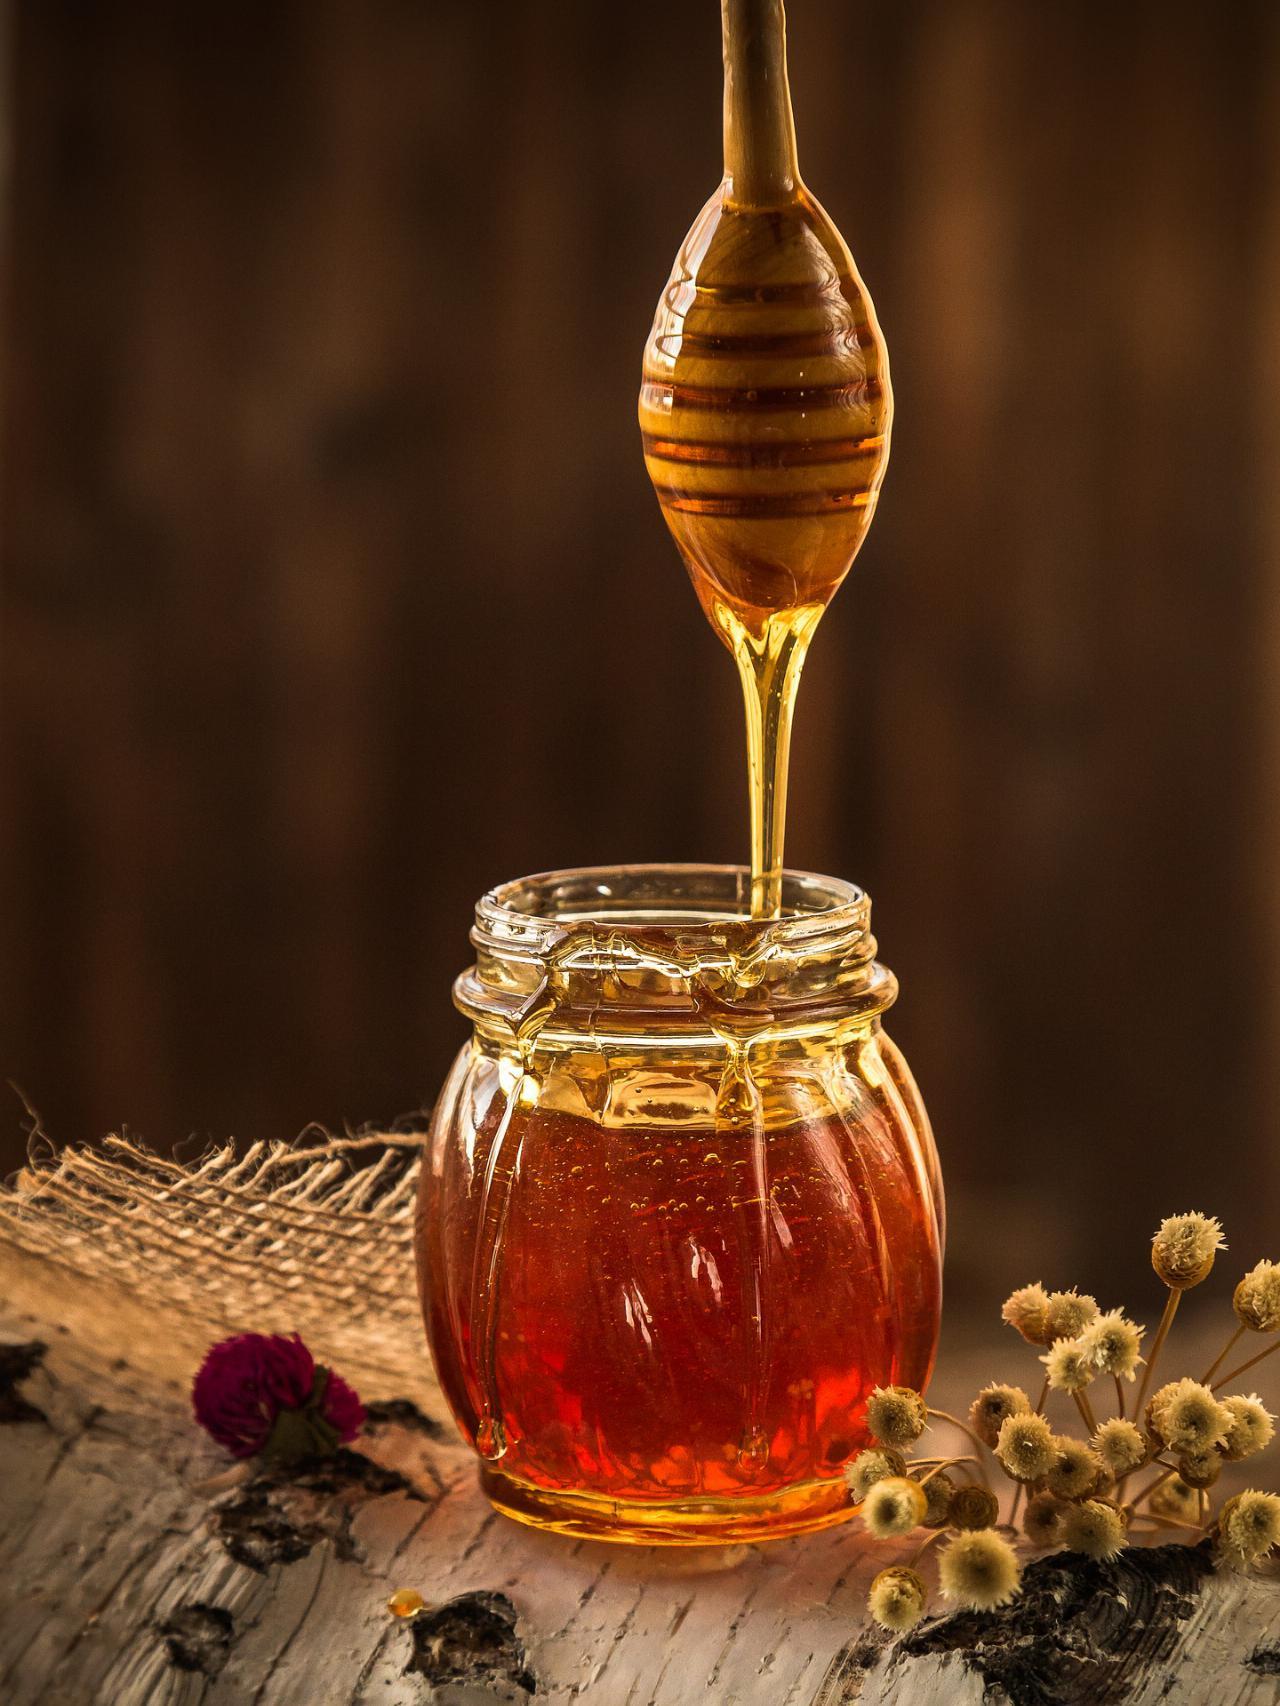 honey-1958464_1920_resized